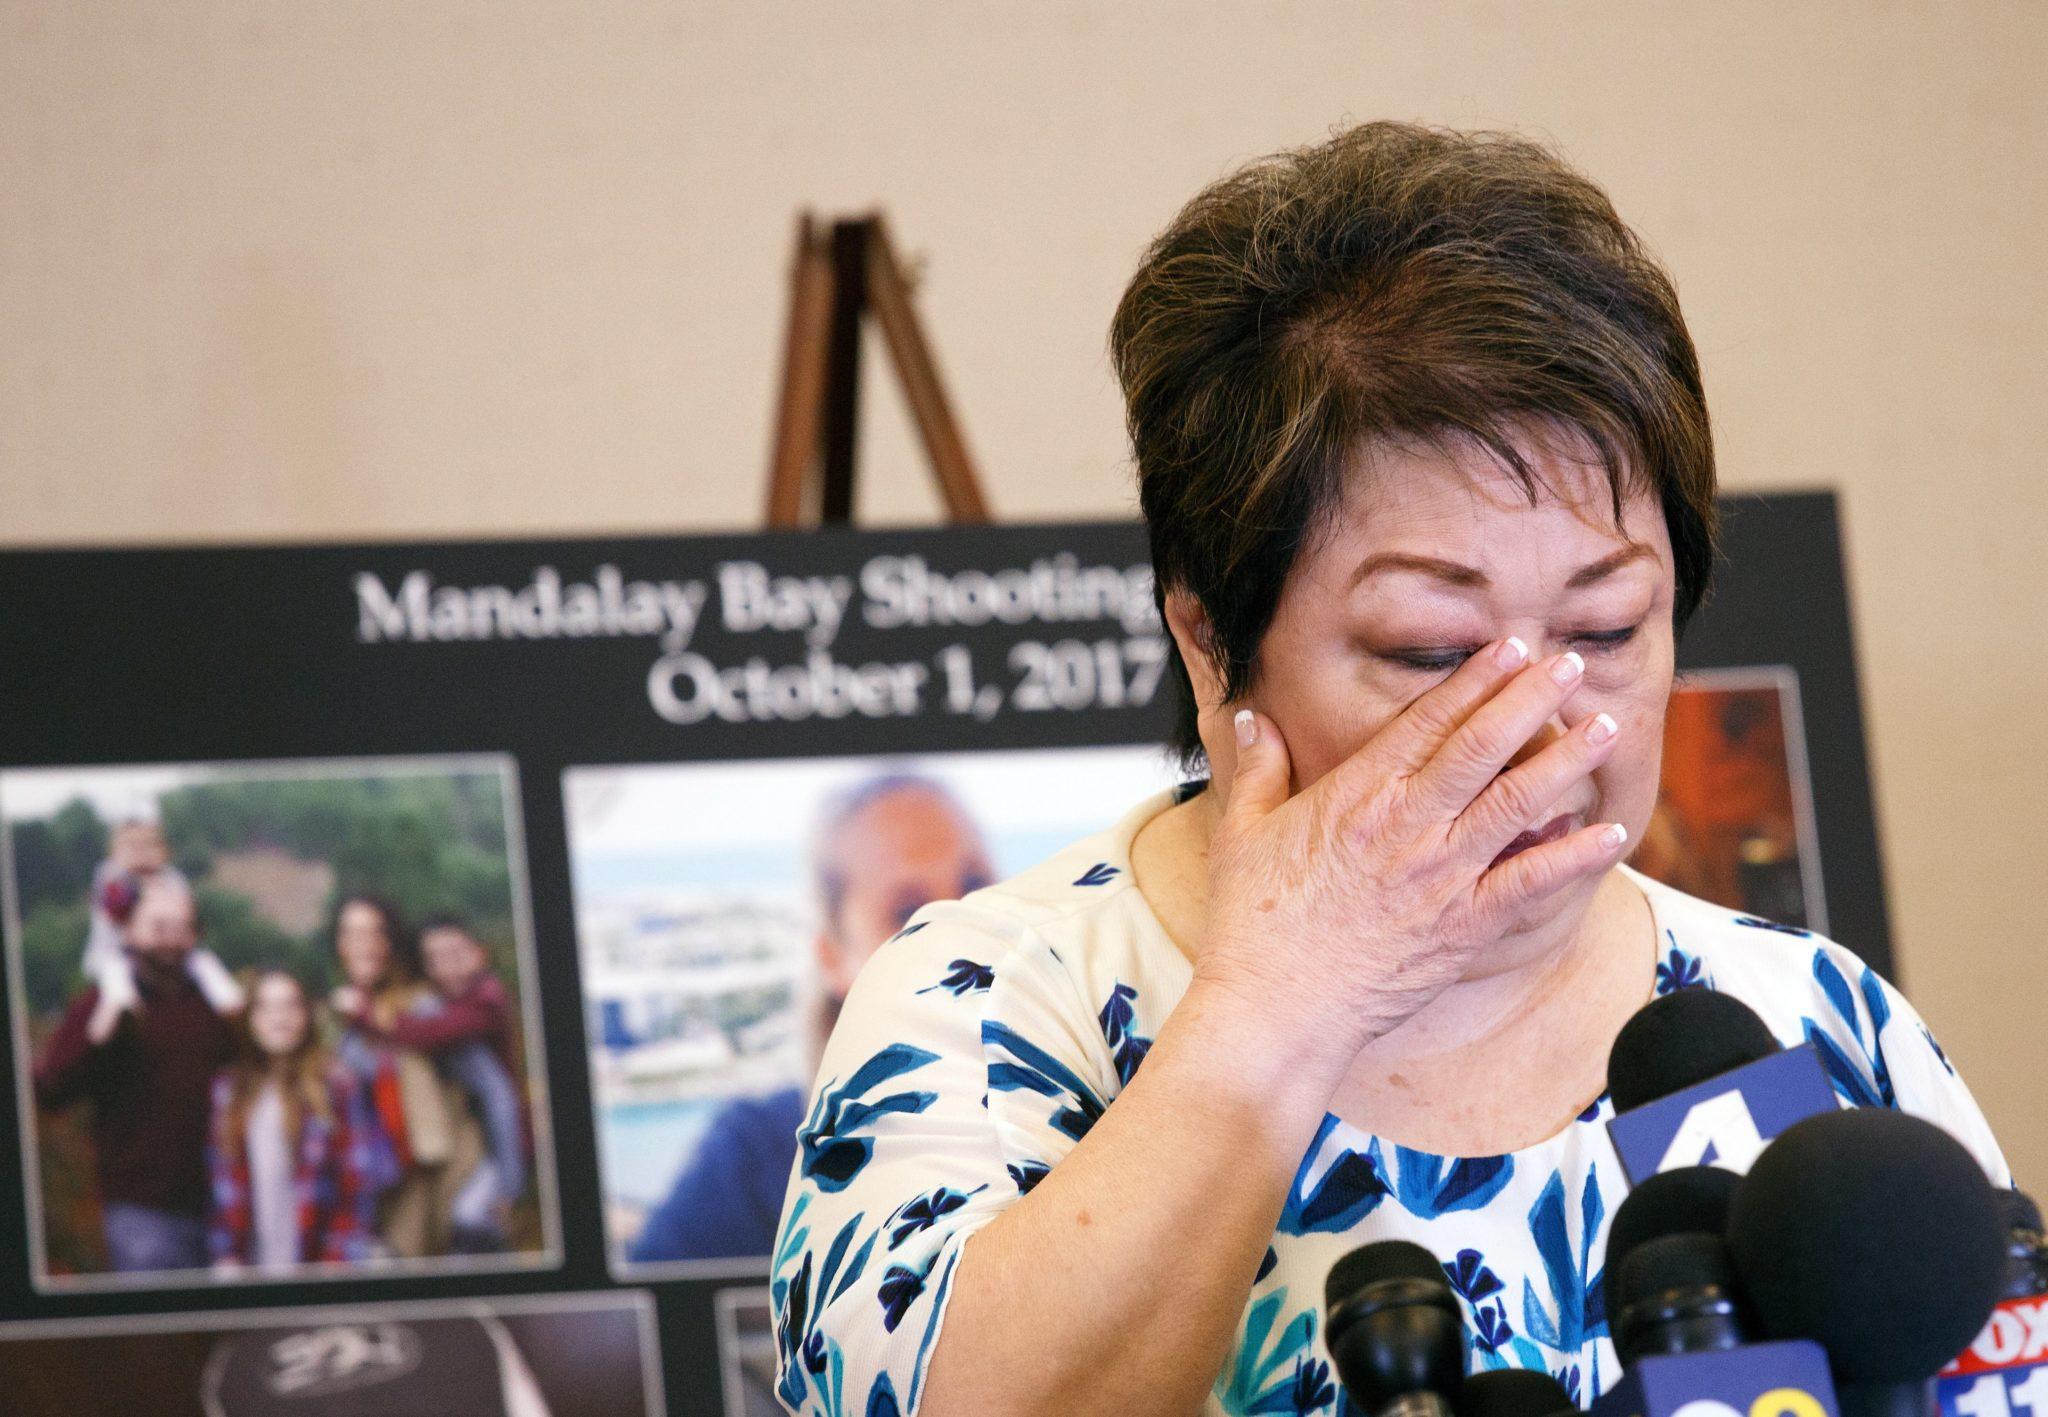 Jason McMillan i jego rodzina. Jason jest sparaliżowany po strzelaninie w 2017 roku w Mandalay Bay. On i jego bliscy wzięli udział w konferencji na temat masowych strzelanin w Las Vegas. Rodziny ofiar i poszkodowani domagają się odszkodowań, fot. Eugene Garcia, PAP/EPA